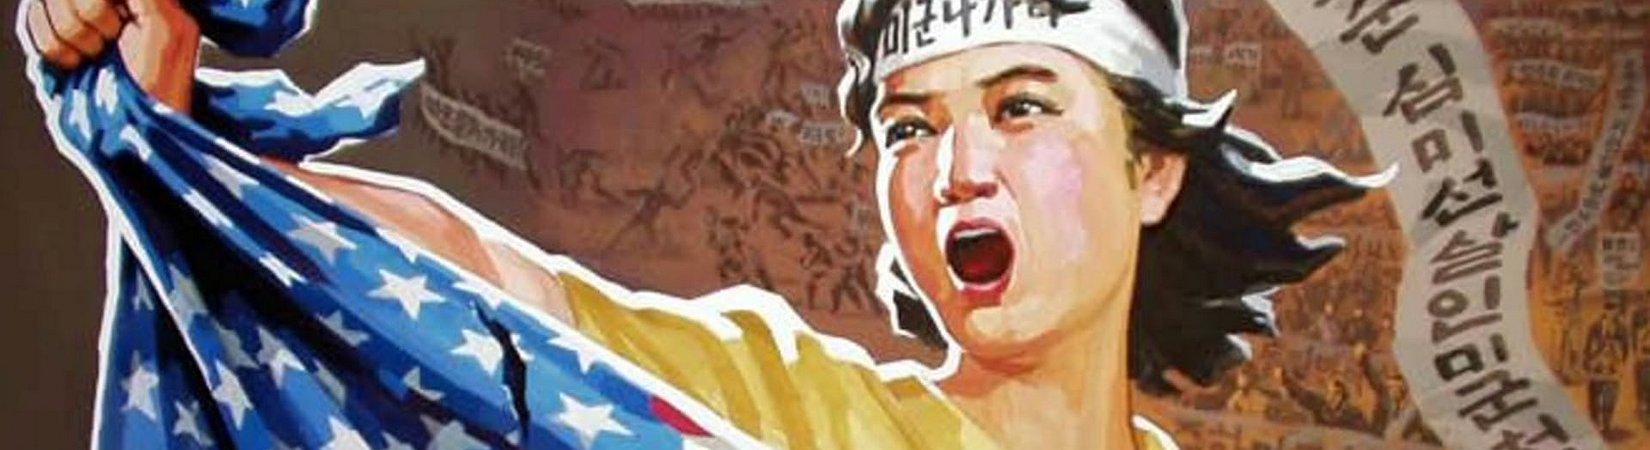 Coleção de 13 cartazes de propaganda da Coreia do Norte